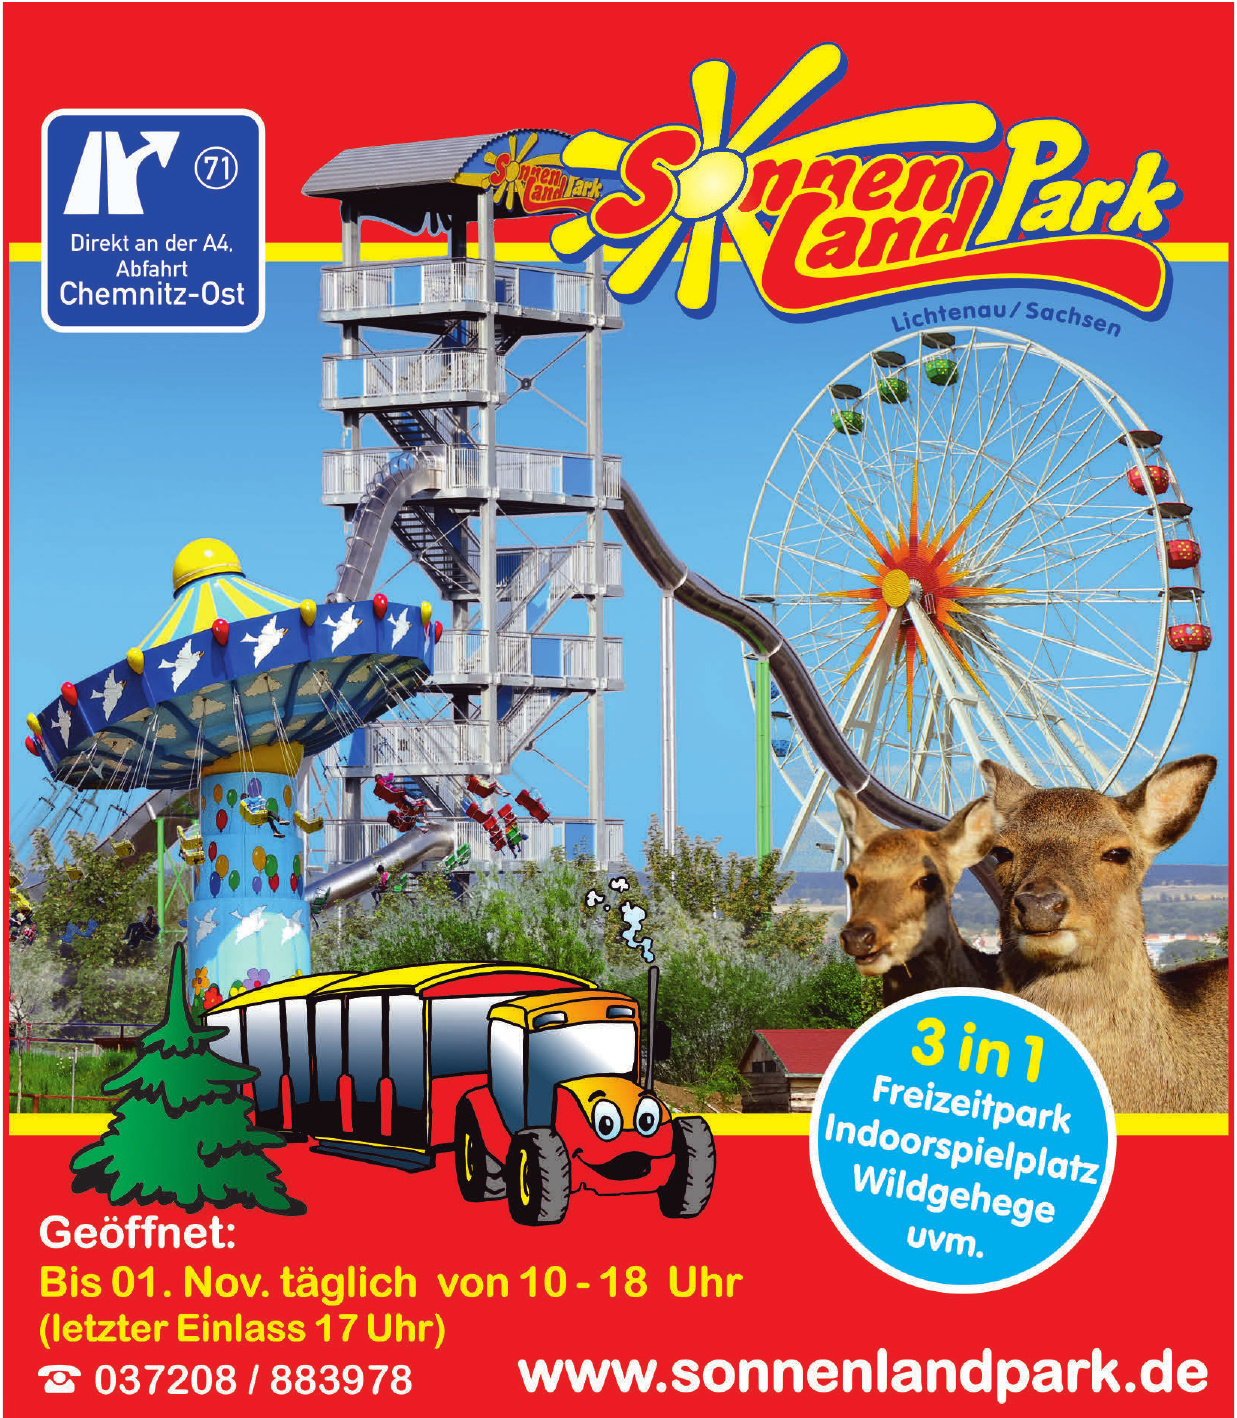 Sonnenlandpark Lichtenau